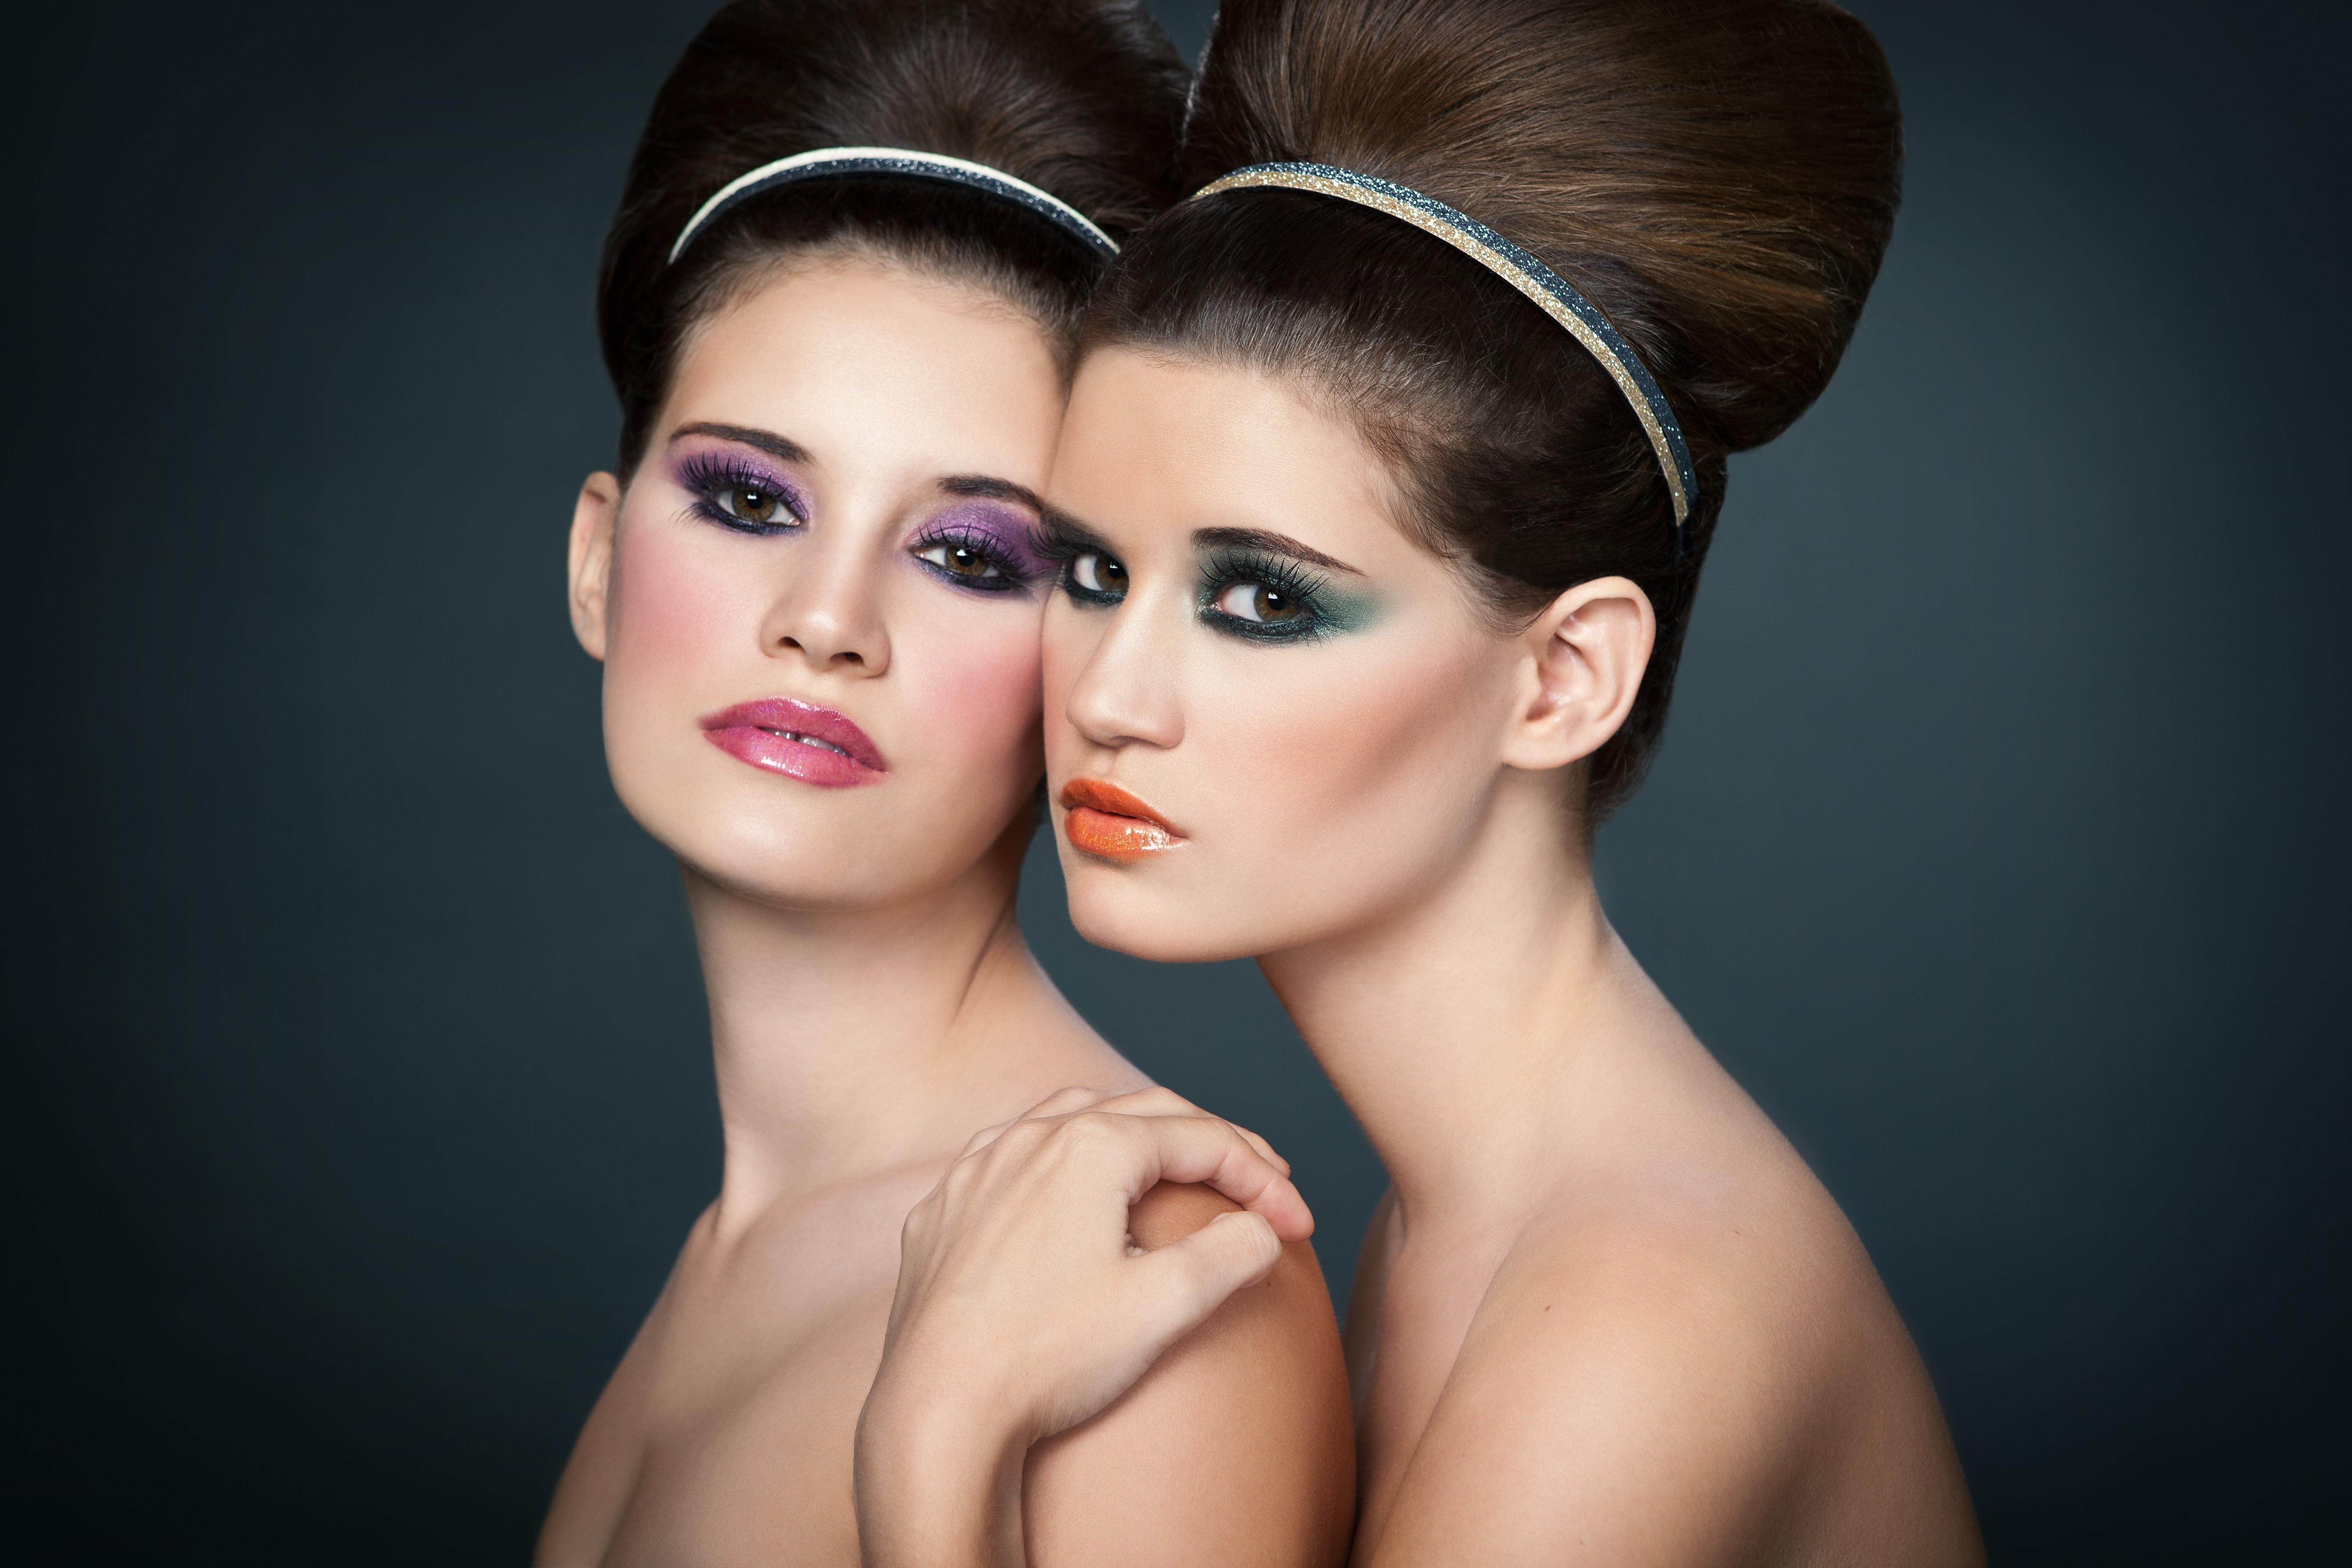 twinsbeauty-jpeg (1).jpg